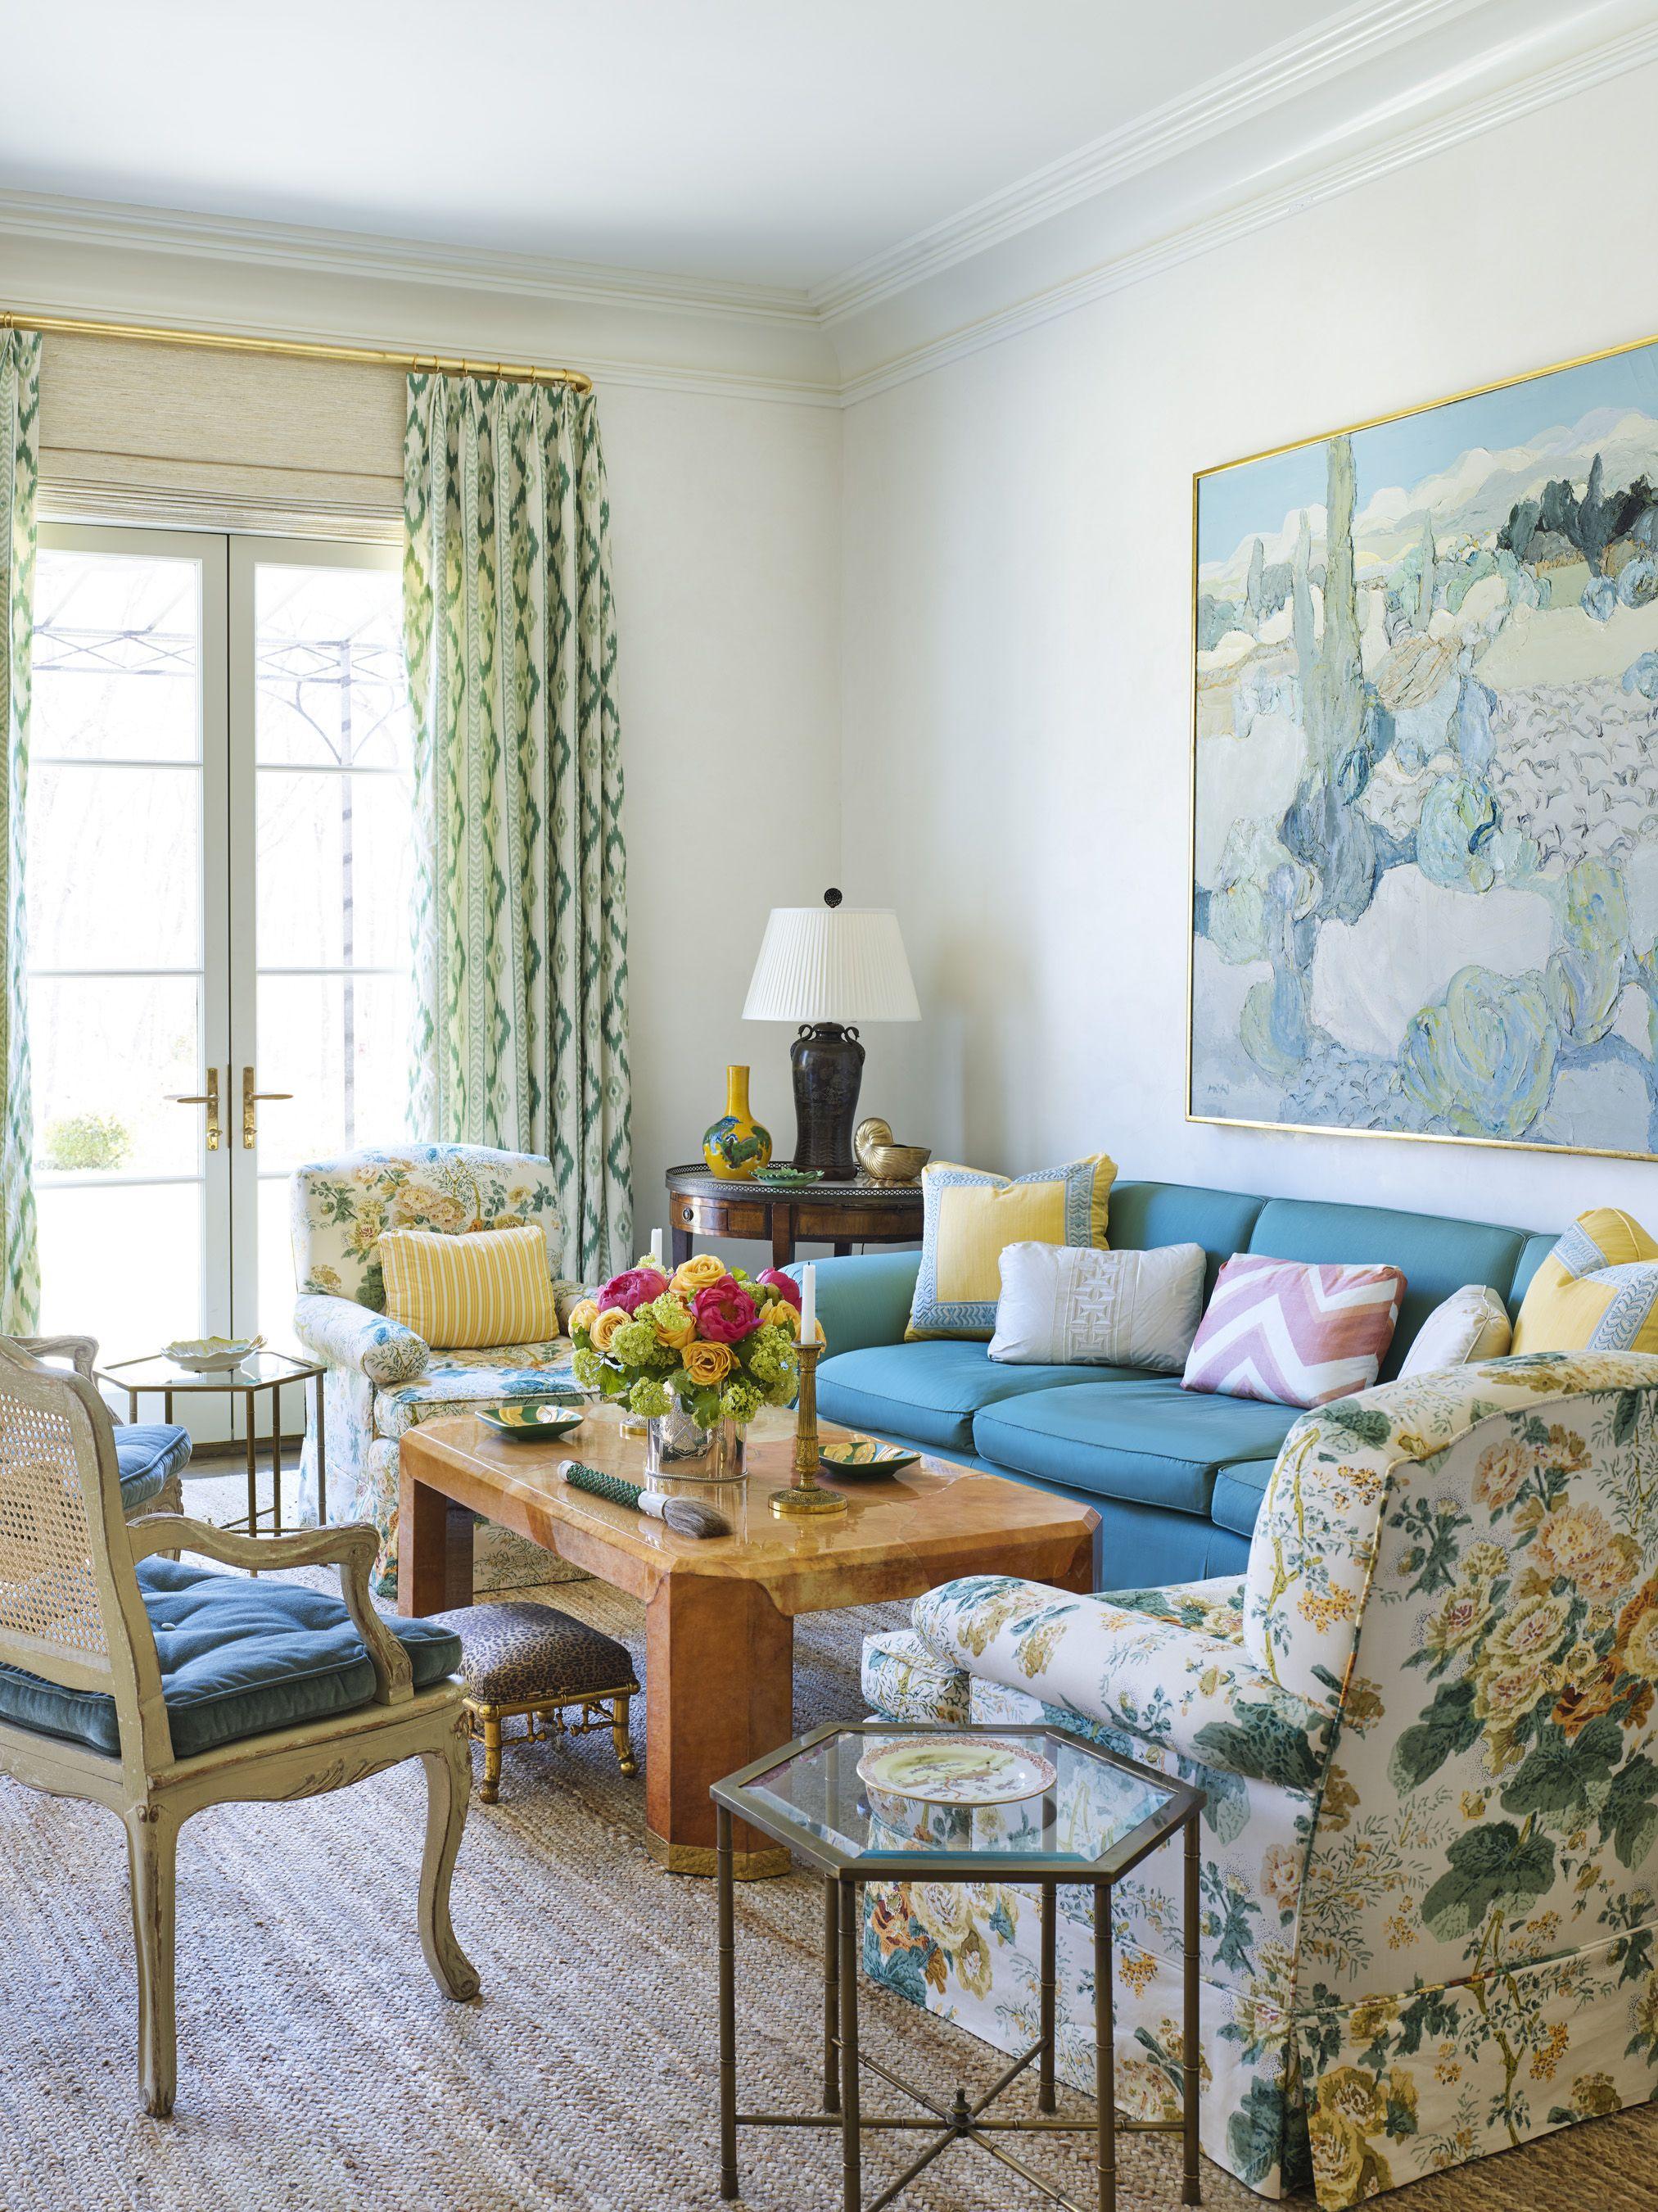 meg-braff-long-island-living-room2-veranda